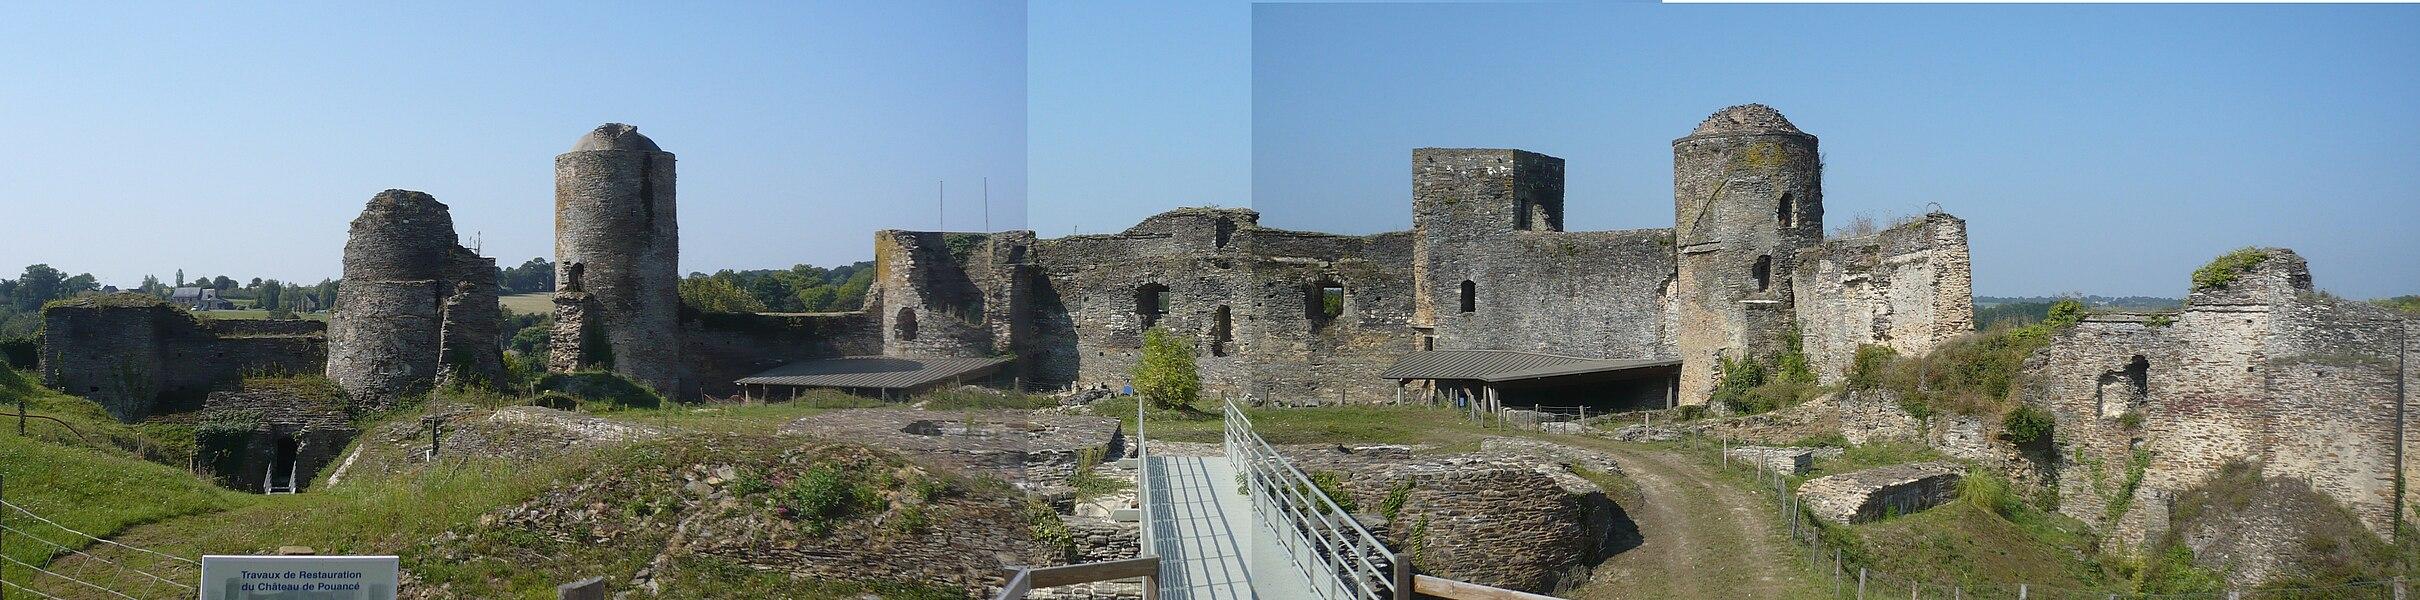 Pouancé castle